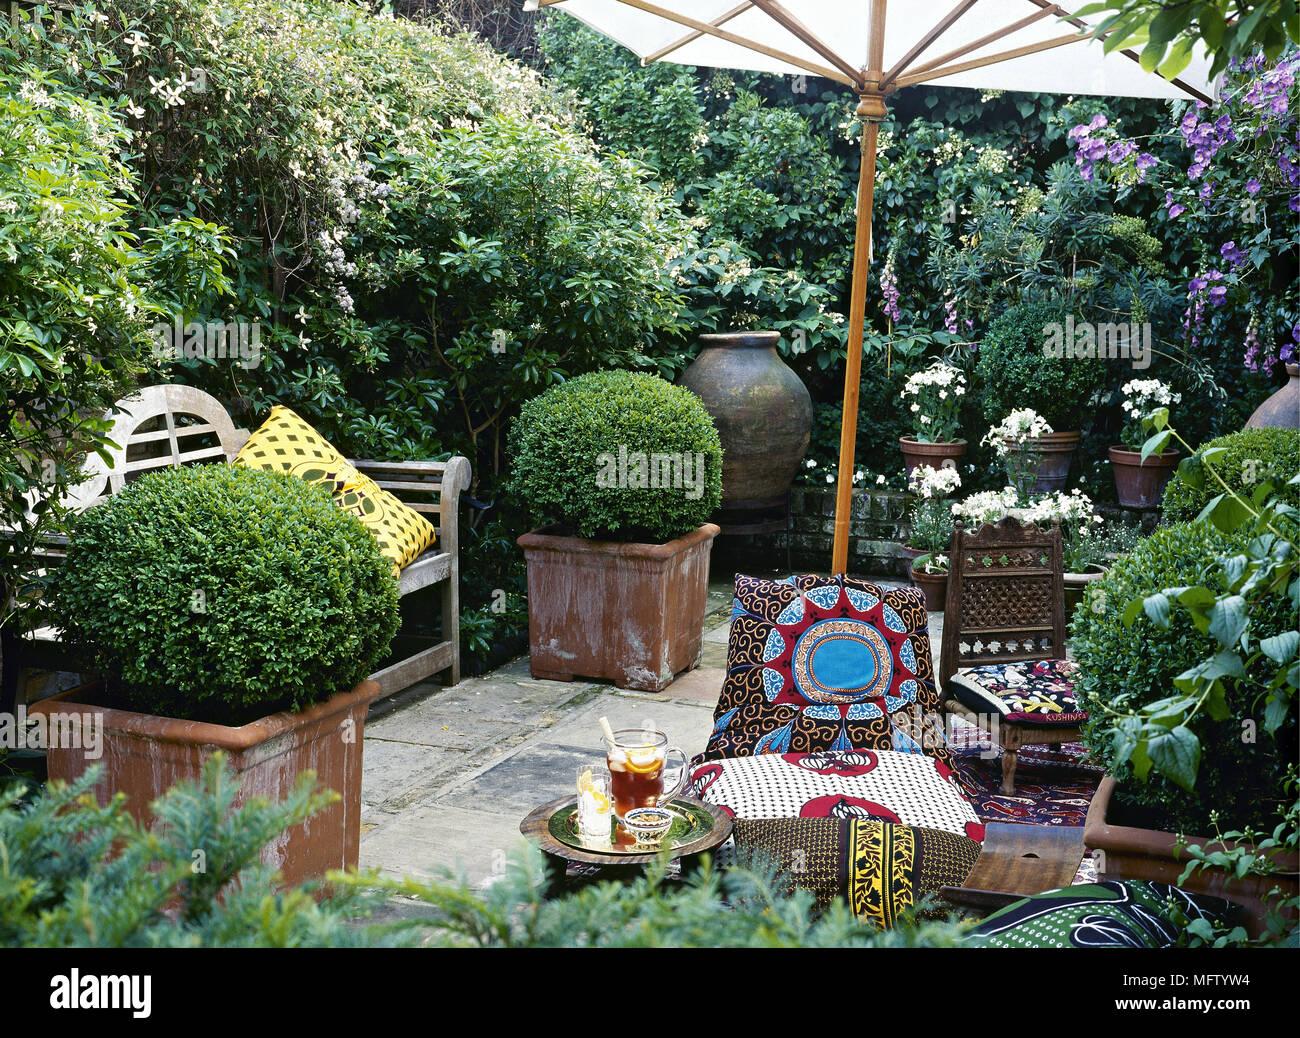 Garten Gepflasterte Terrasse Sonnenschirm Ethnischen Stuhle Stoff